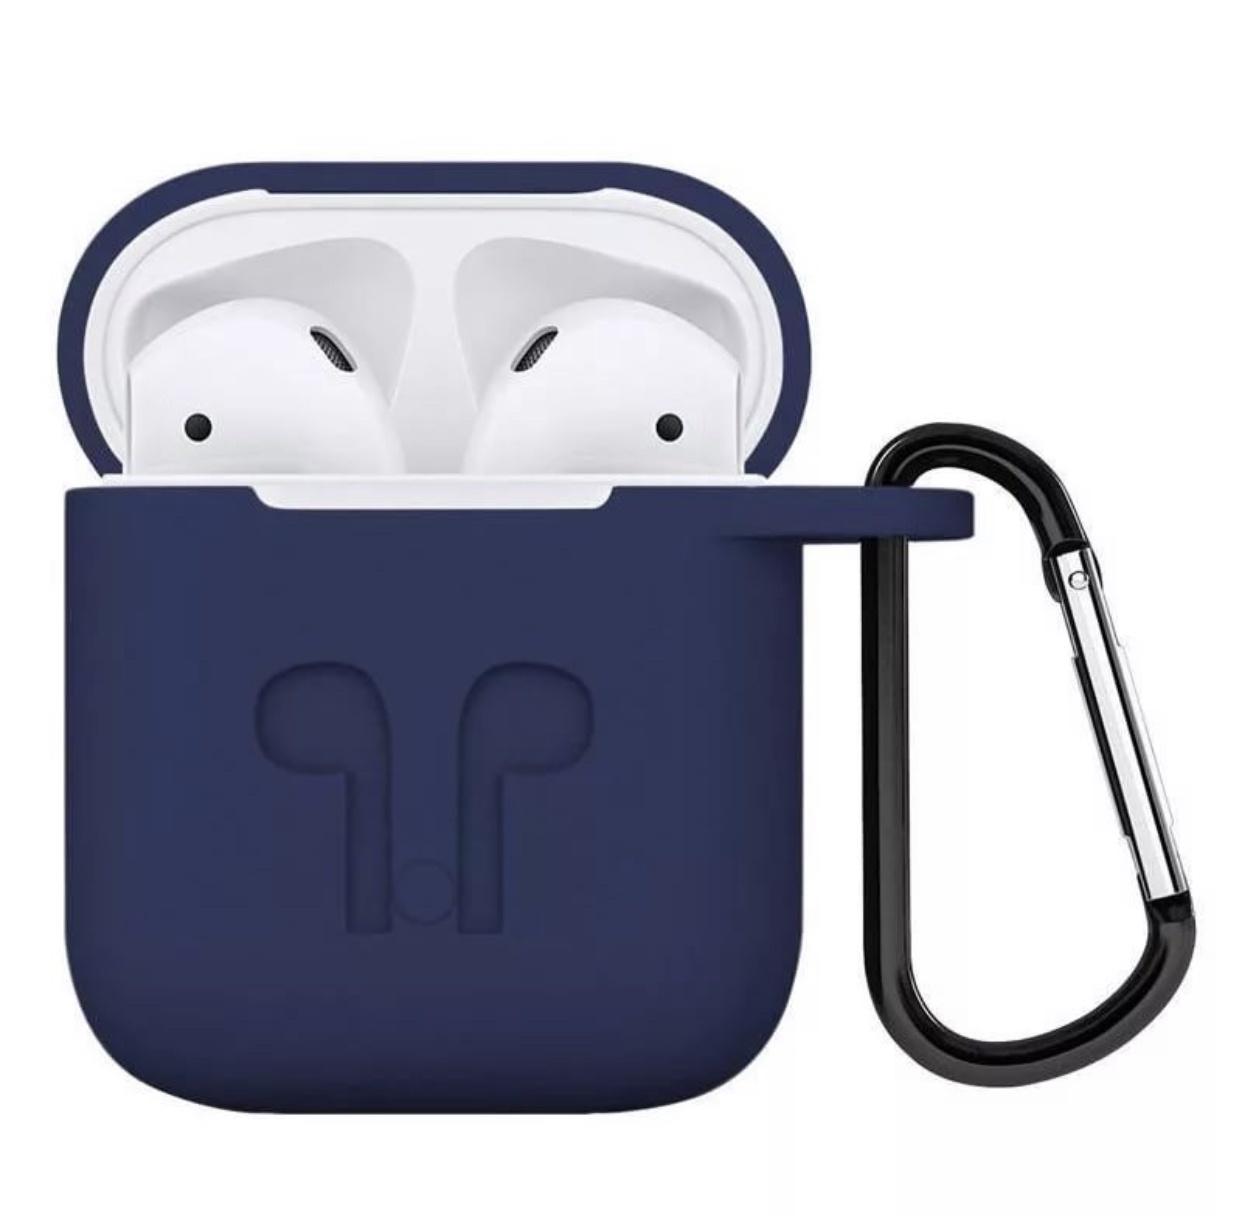 Чехол для наушников Markclub@Hoco Apple AirPods, темно-синий